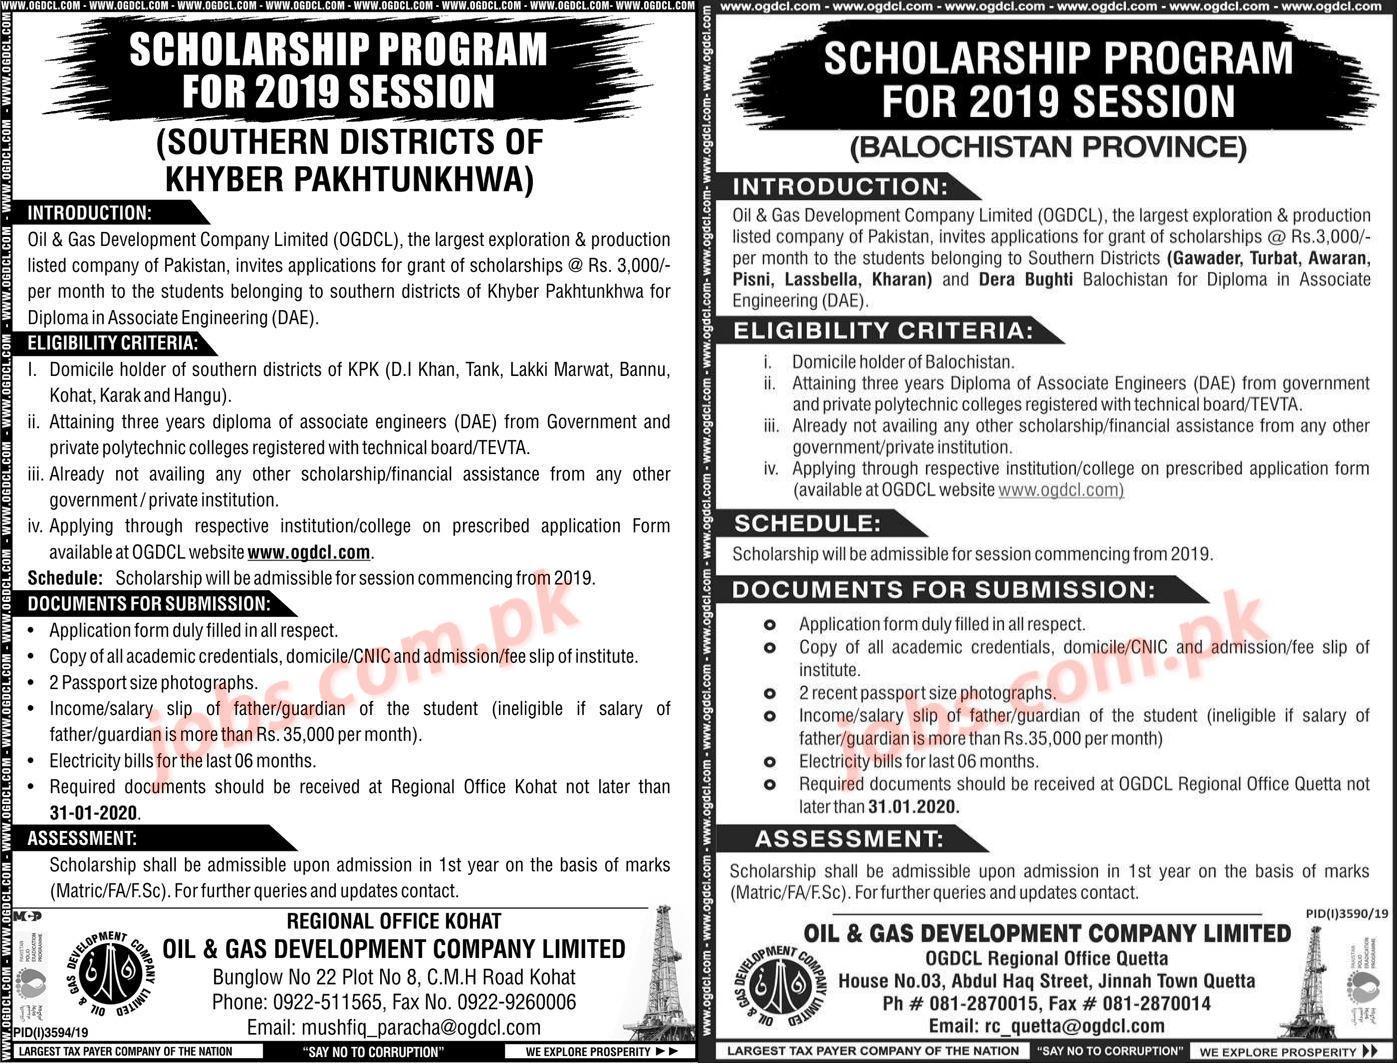 OGDCL Scholarship Programs 2020/21 for Khyber Pakhtunkhwa ...